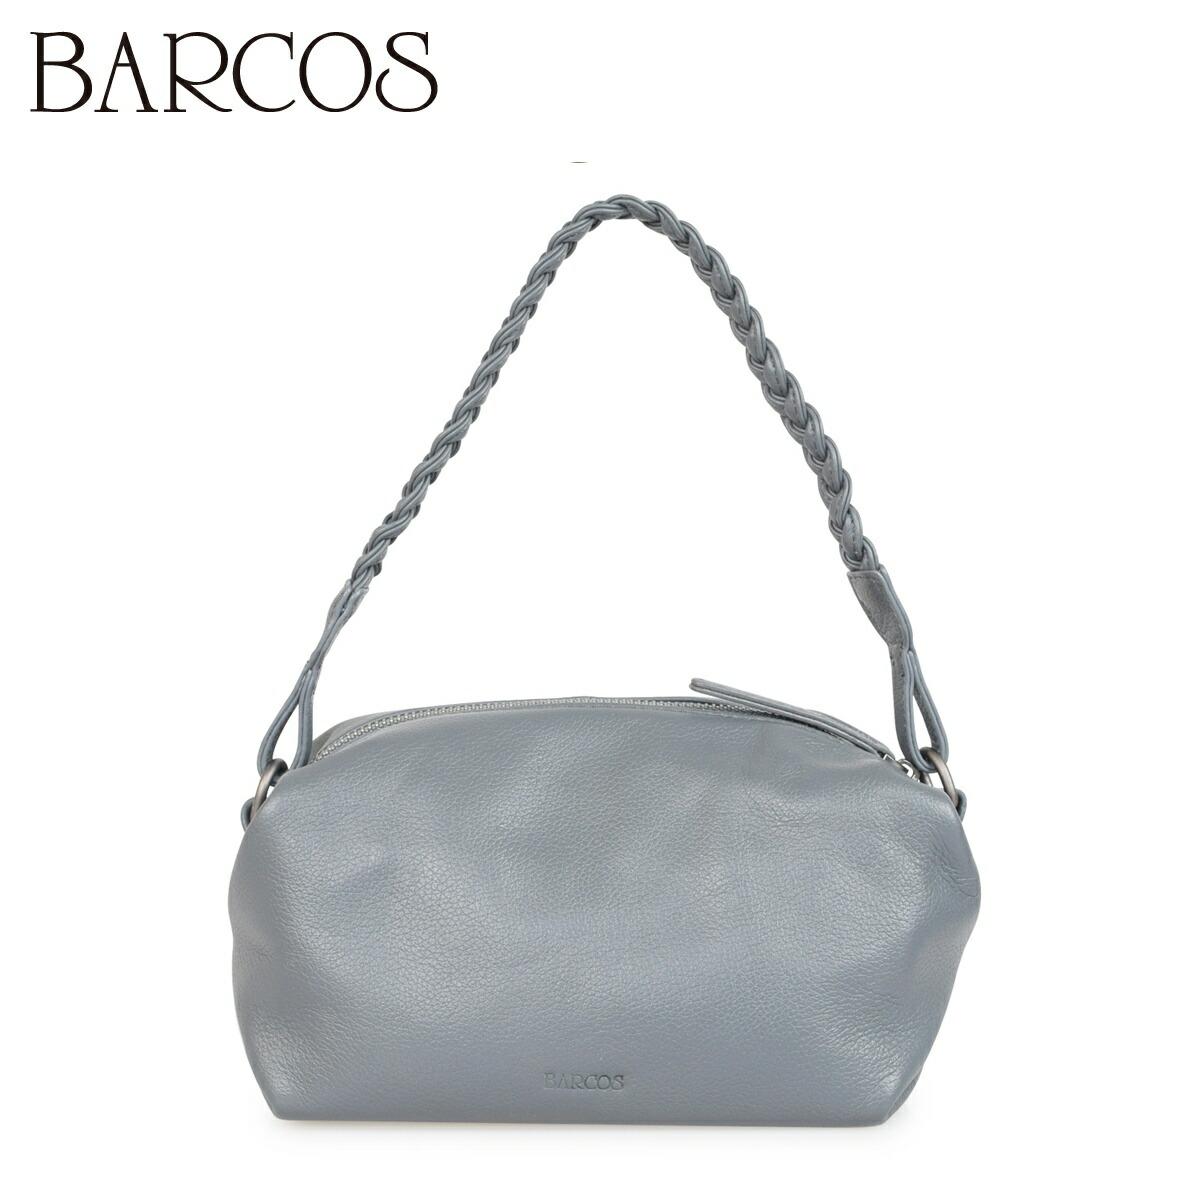 【送料無料】 バルコス バッグ レディース 本革 ハンドバッグ BARCOS レザー 編み込みハンドル カバン ショルダー